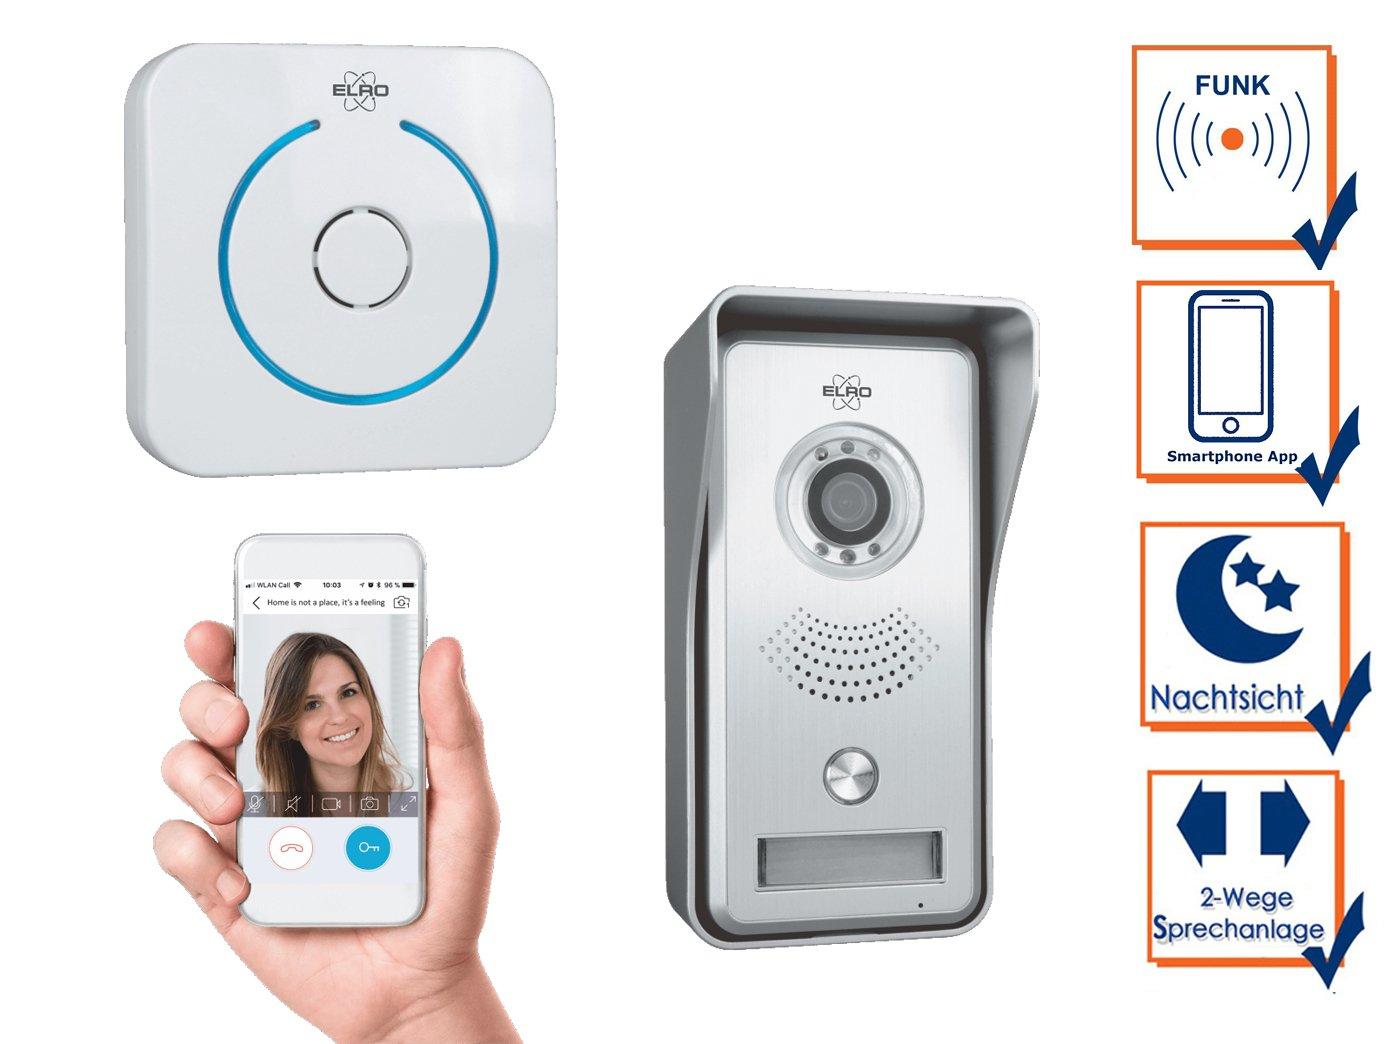 ELRO Video Sprechanlage mit Funkt/ürklingel /& T/ür/öffner T/ürkommunikation Smartphone